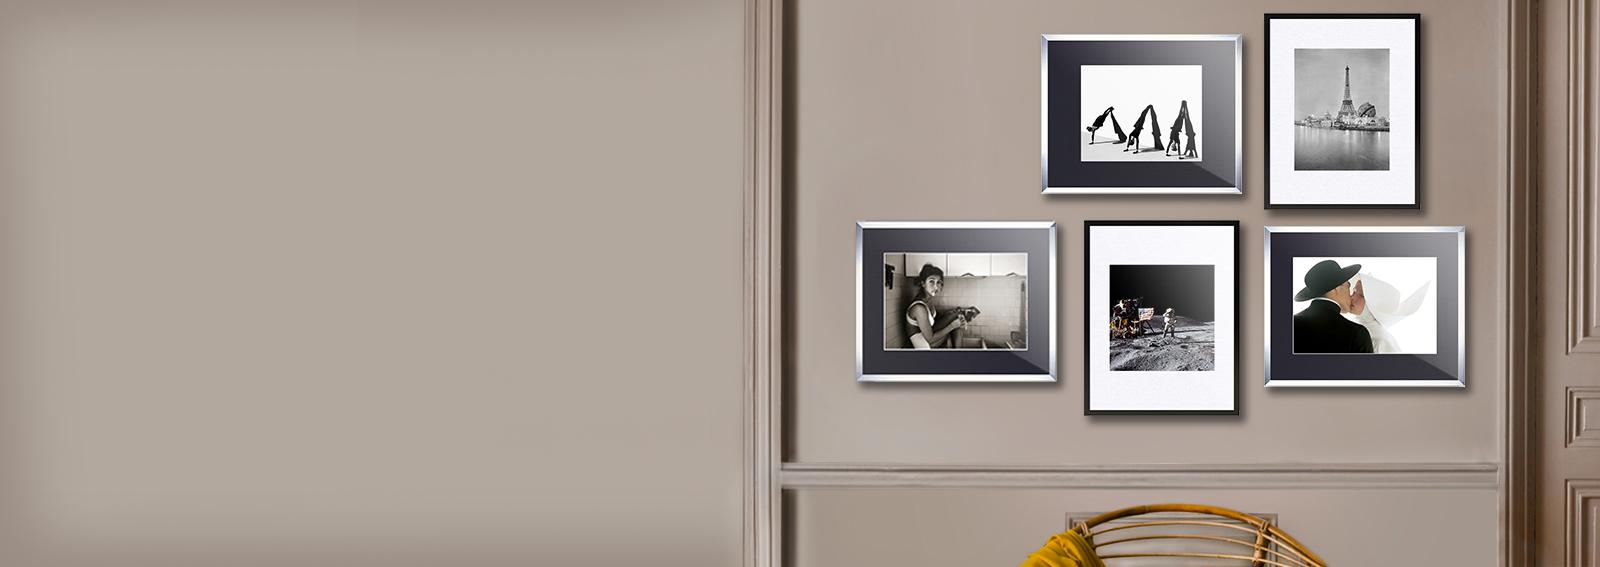 Home cover slider